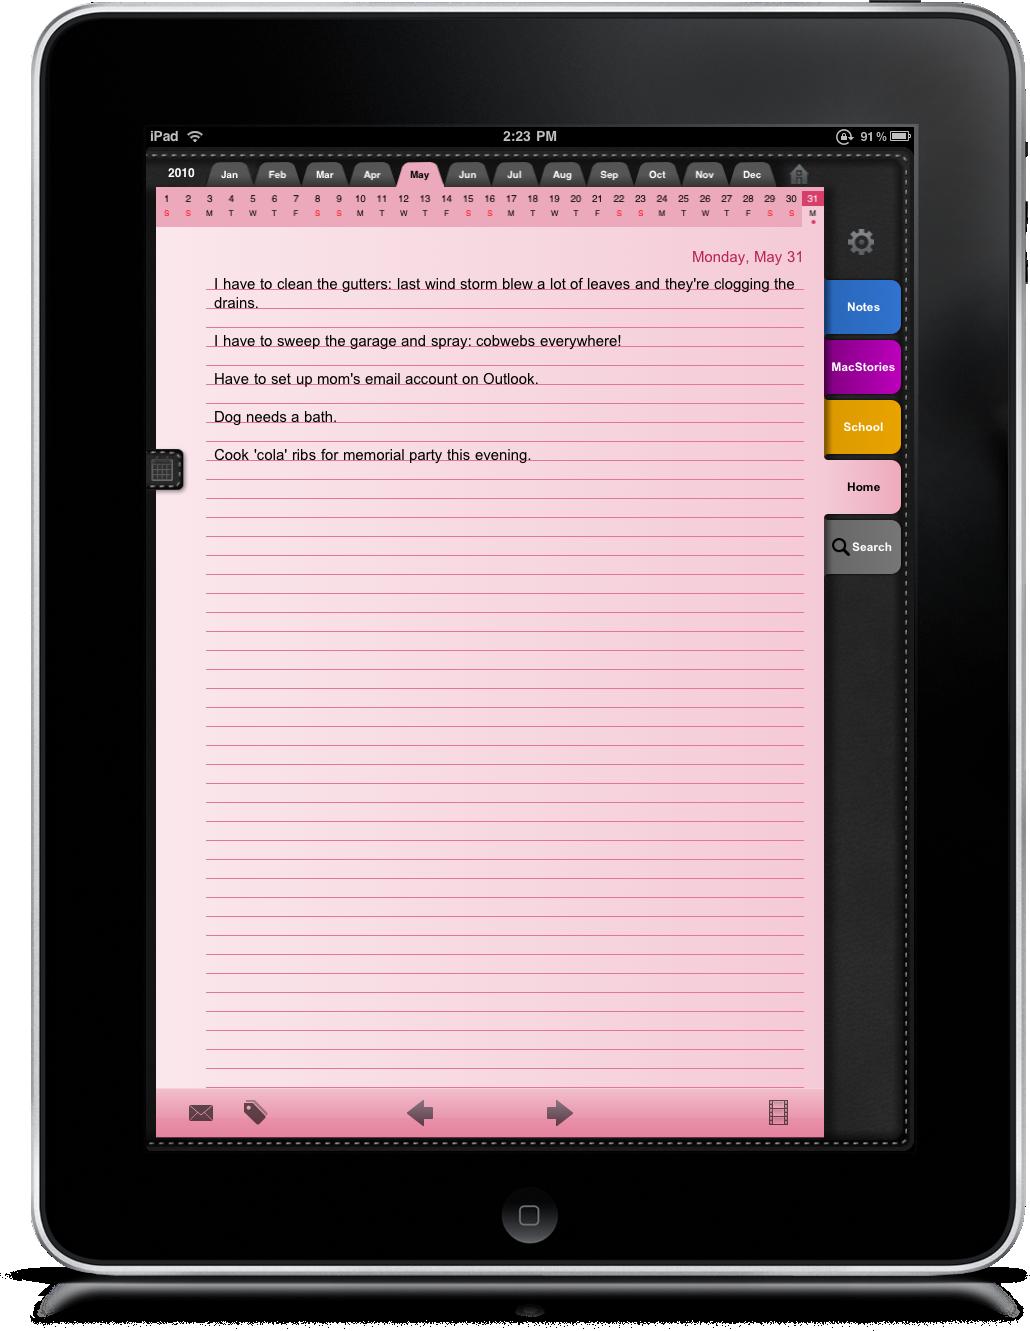 Daily Notes iPad